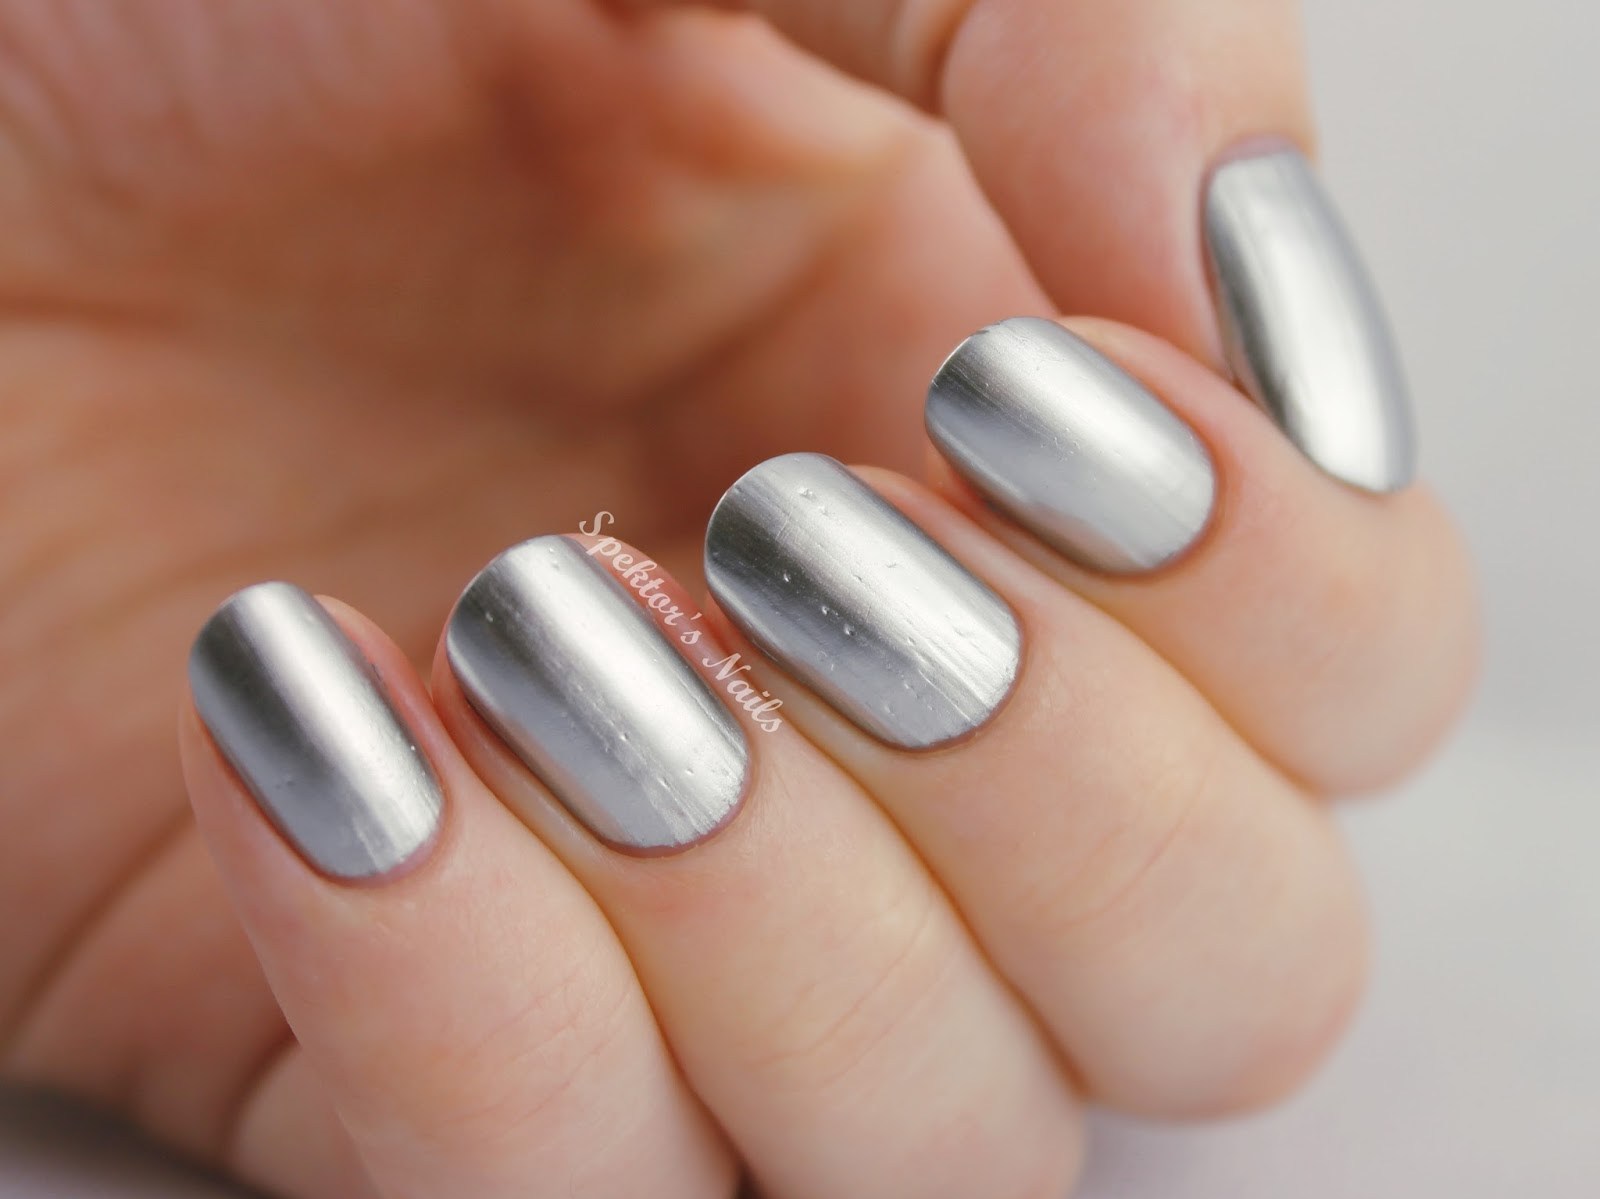 Mirror Nail Polish Dashing Diva - Nails Gallery